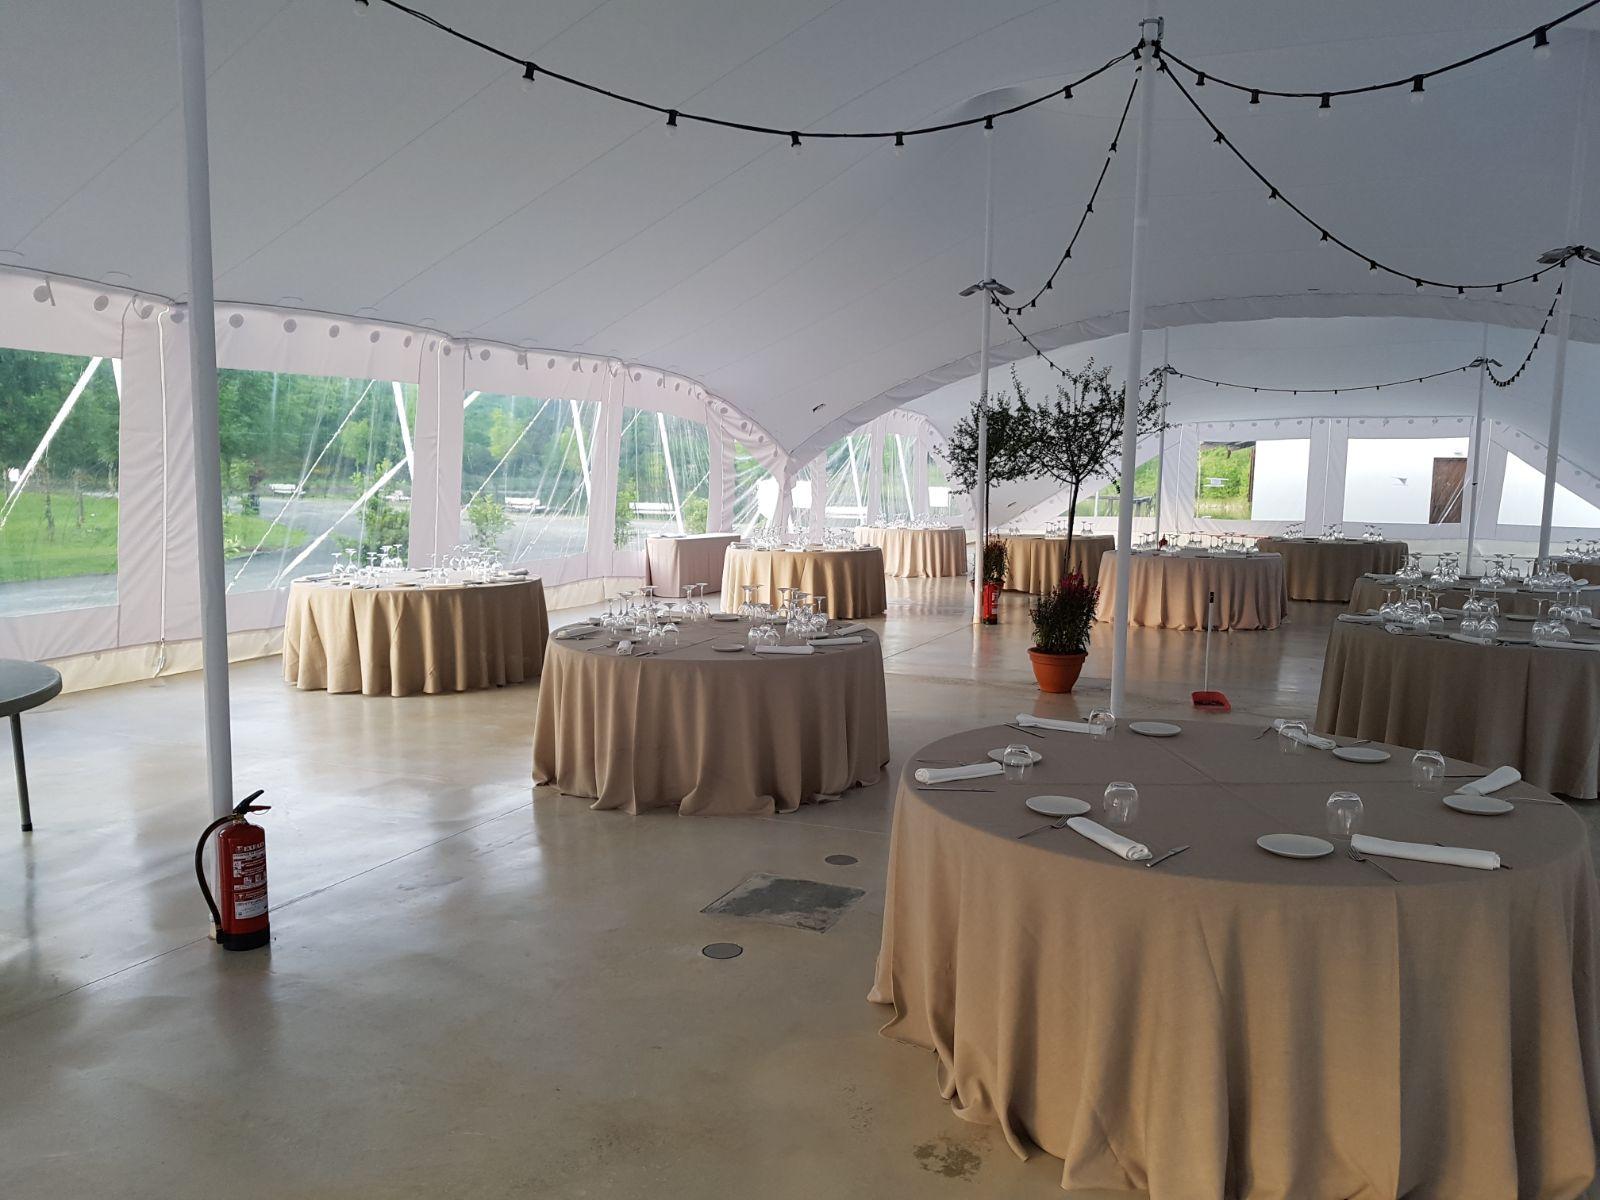 El encanto de una carpa cerrada para boda en el Señorío de Beraiz - Safara Carpas